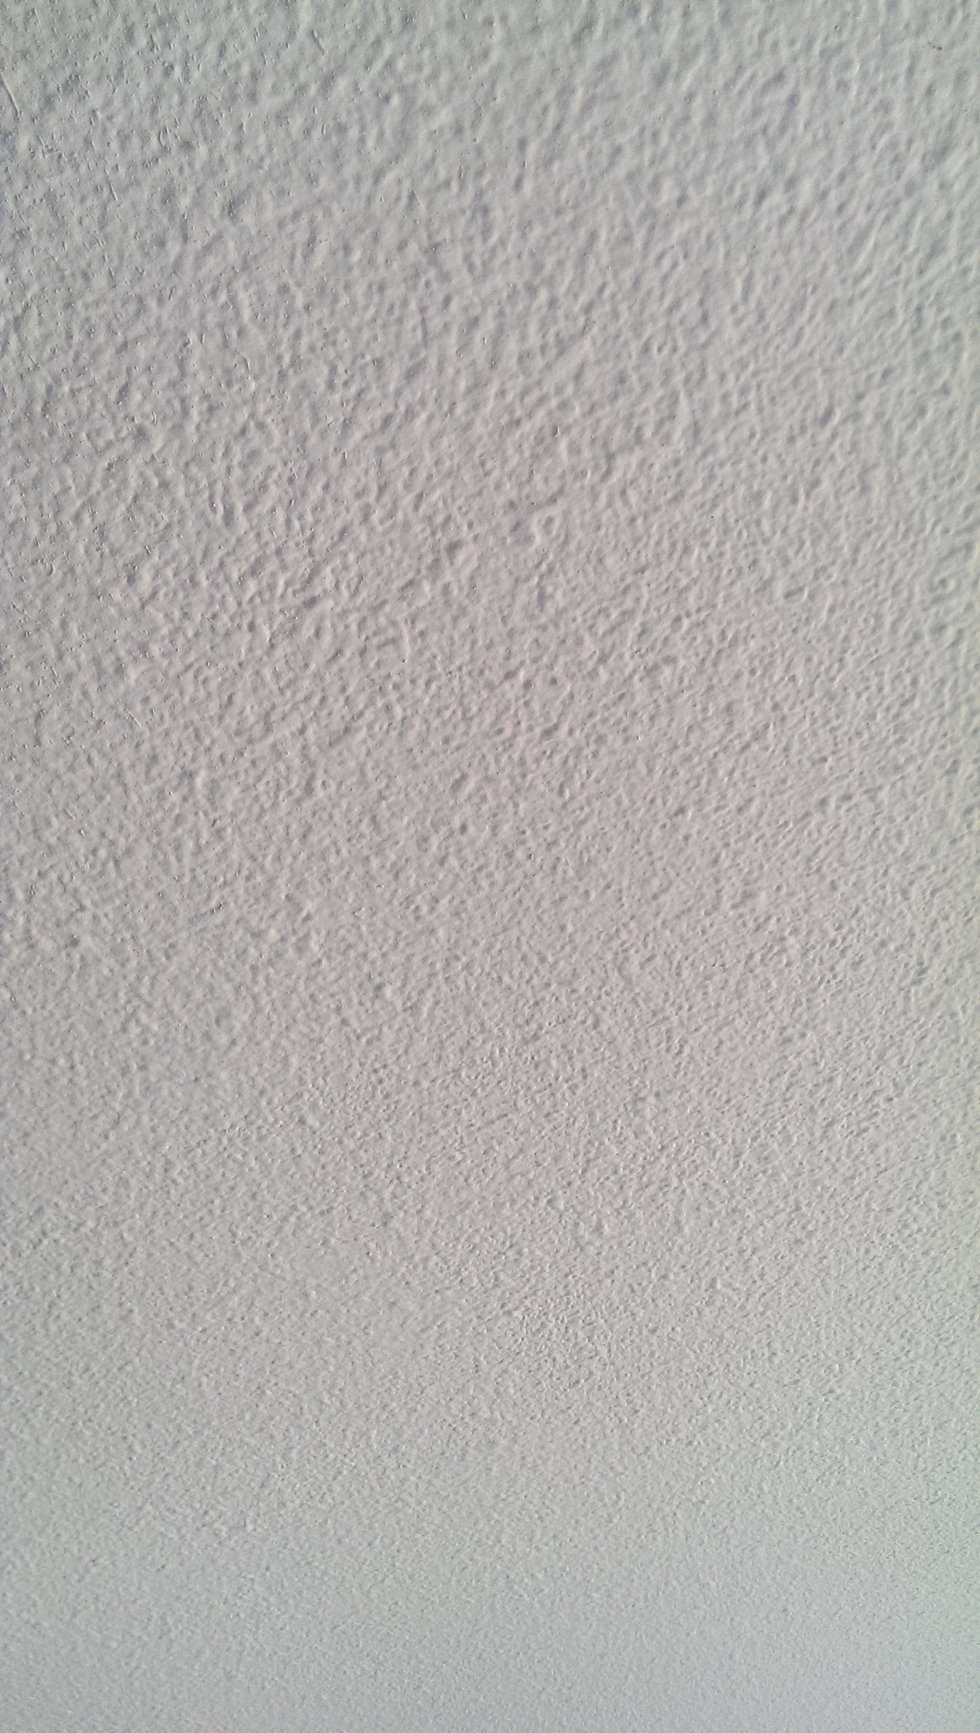 Nouvel 39 r peinture pour vos travaux dans le neuf for Peinture pour plafond fissure